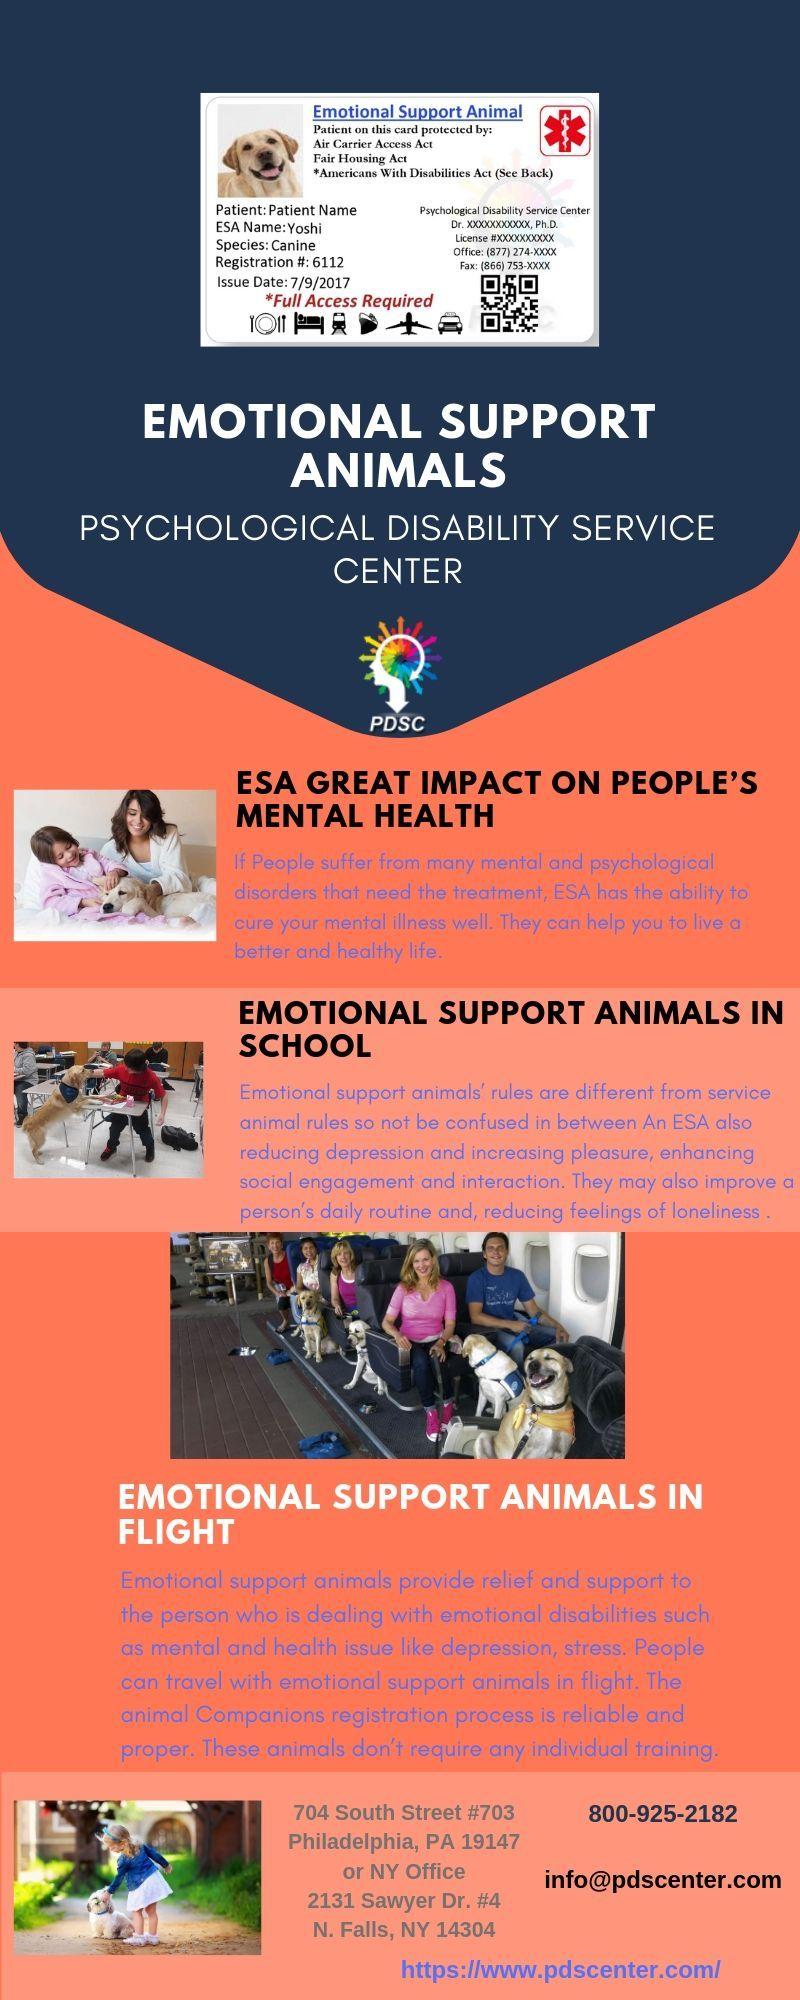 Service Dog Doctor Letter Emotional Support Animal Emotional Support Esa Letter